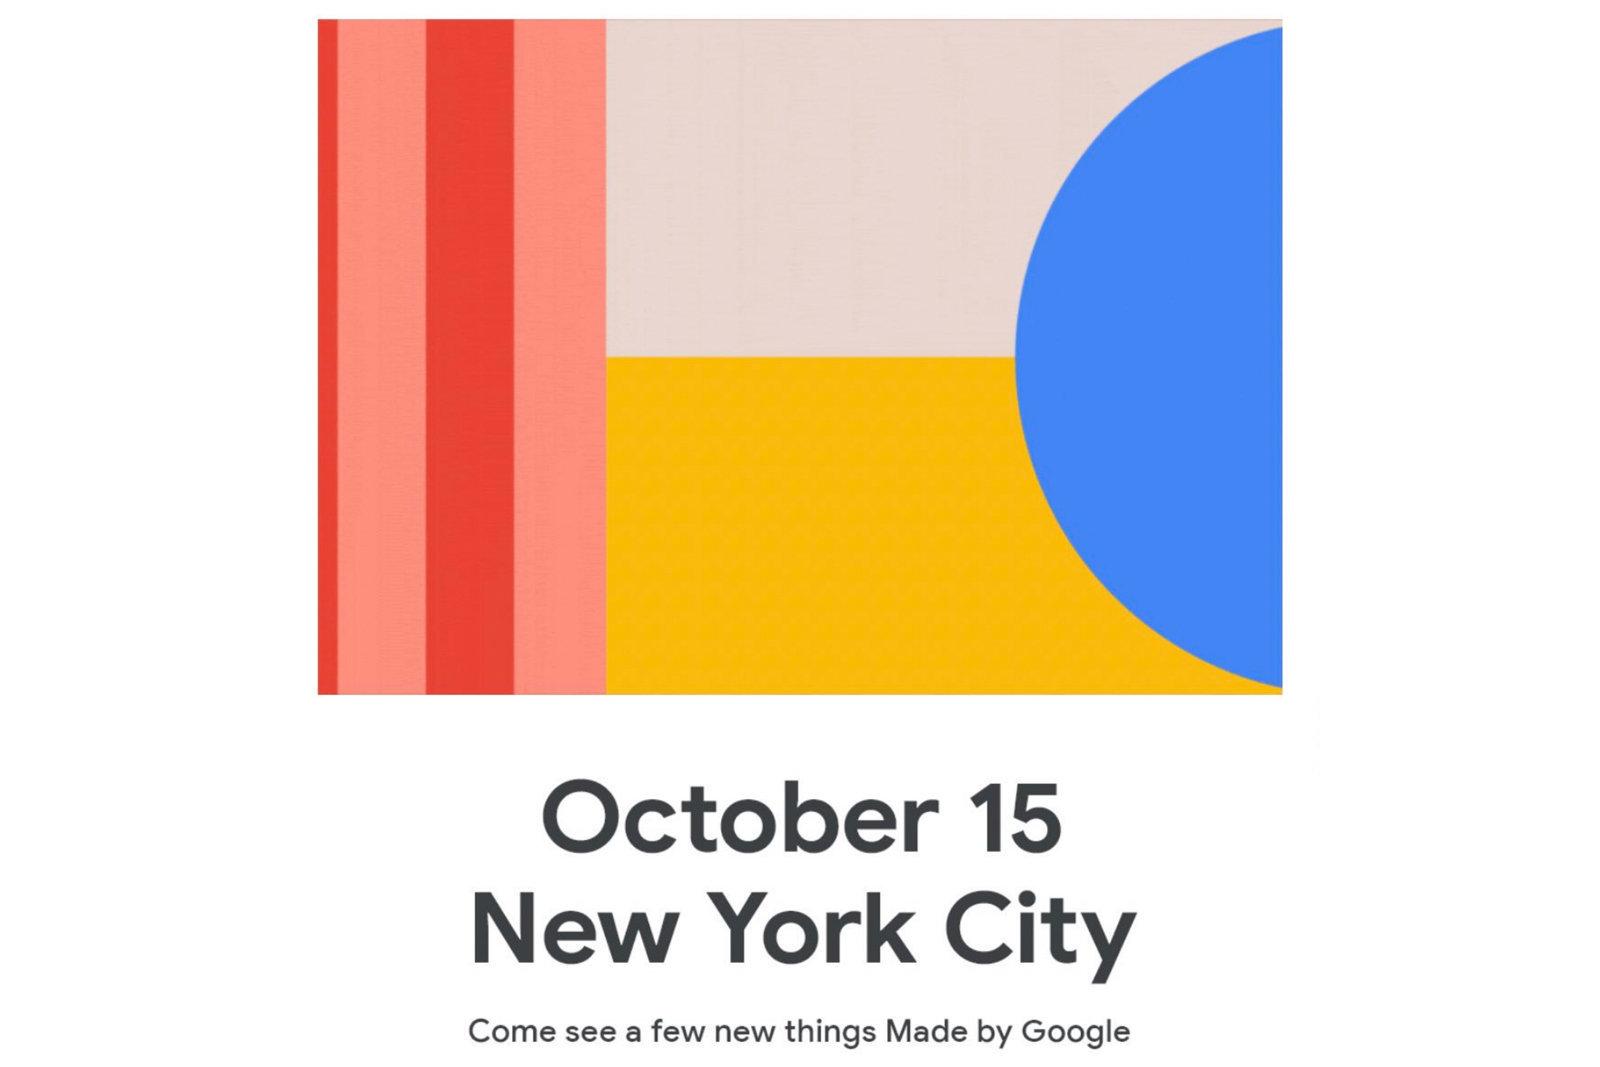 قوقل ستكشف عن هواتف Pixel 4 يوم 15 أكتوبر القادم